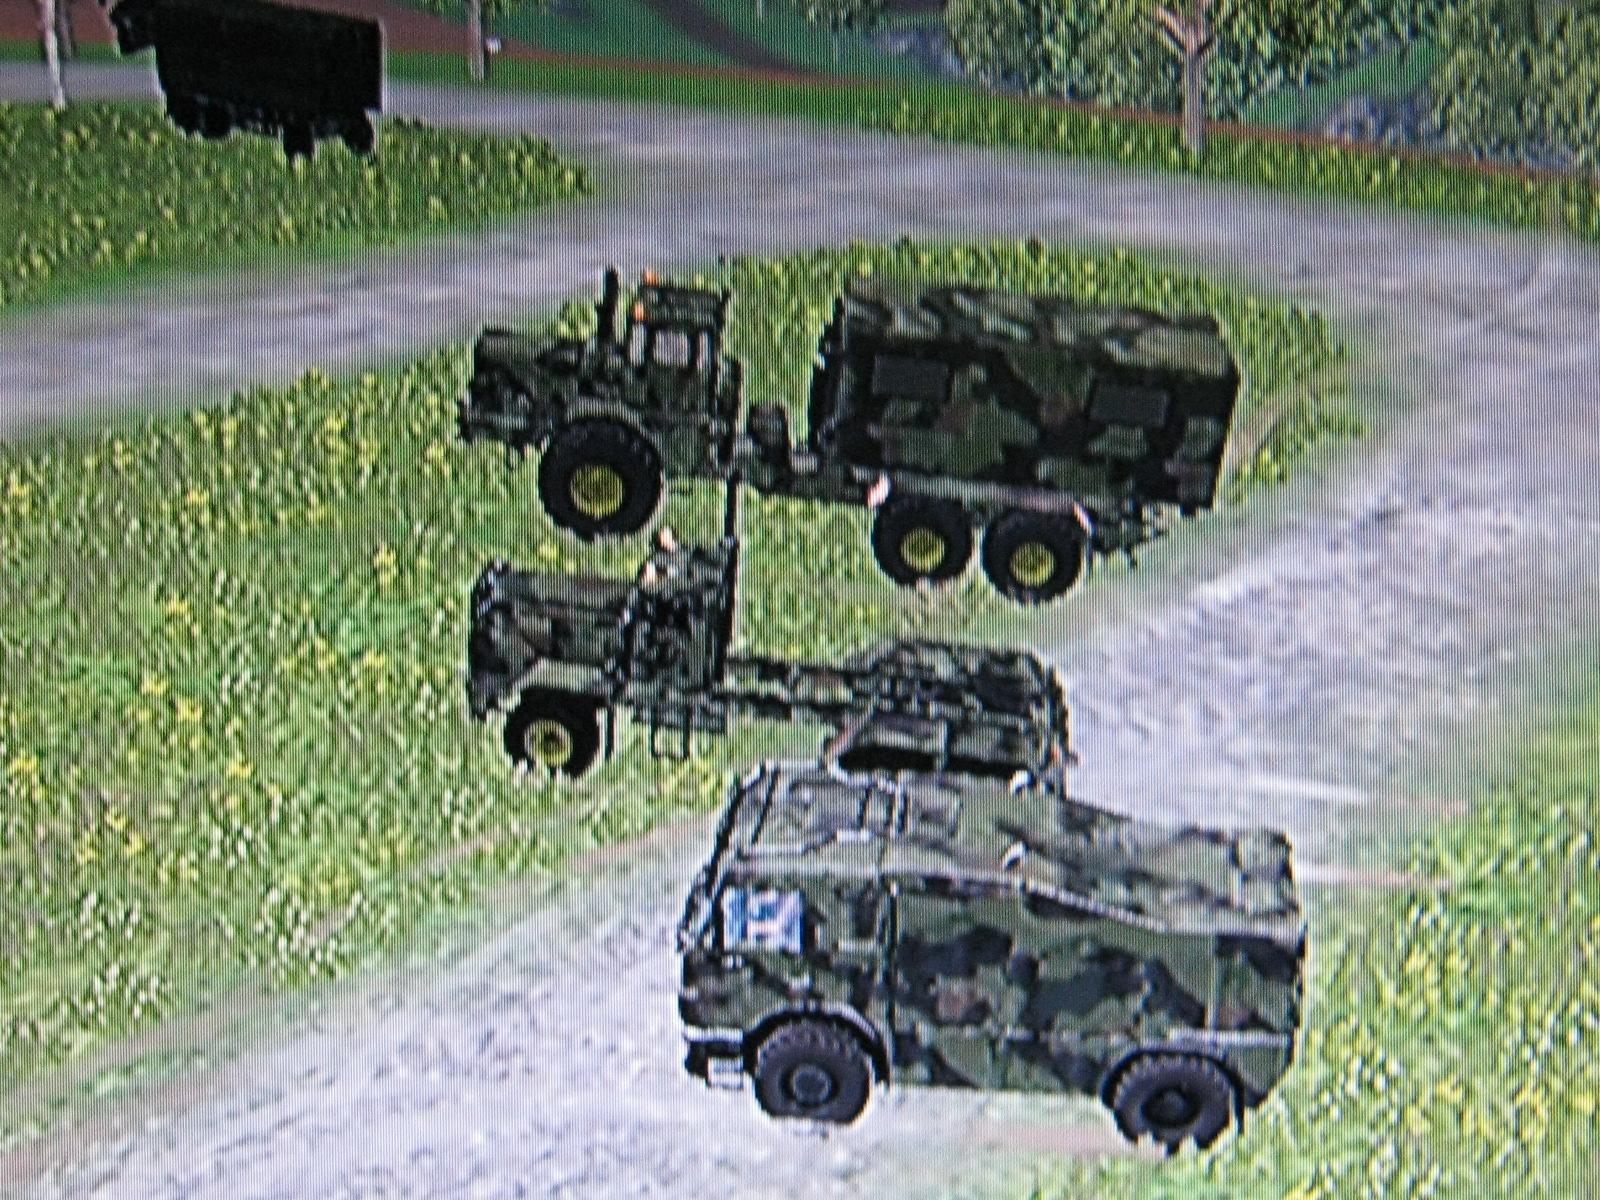 camo-vehicules-1_1